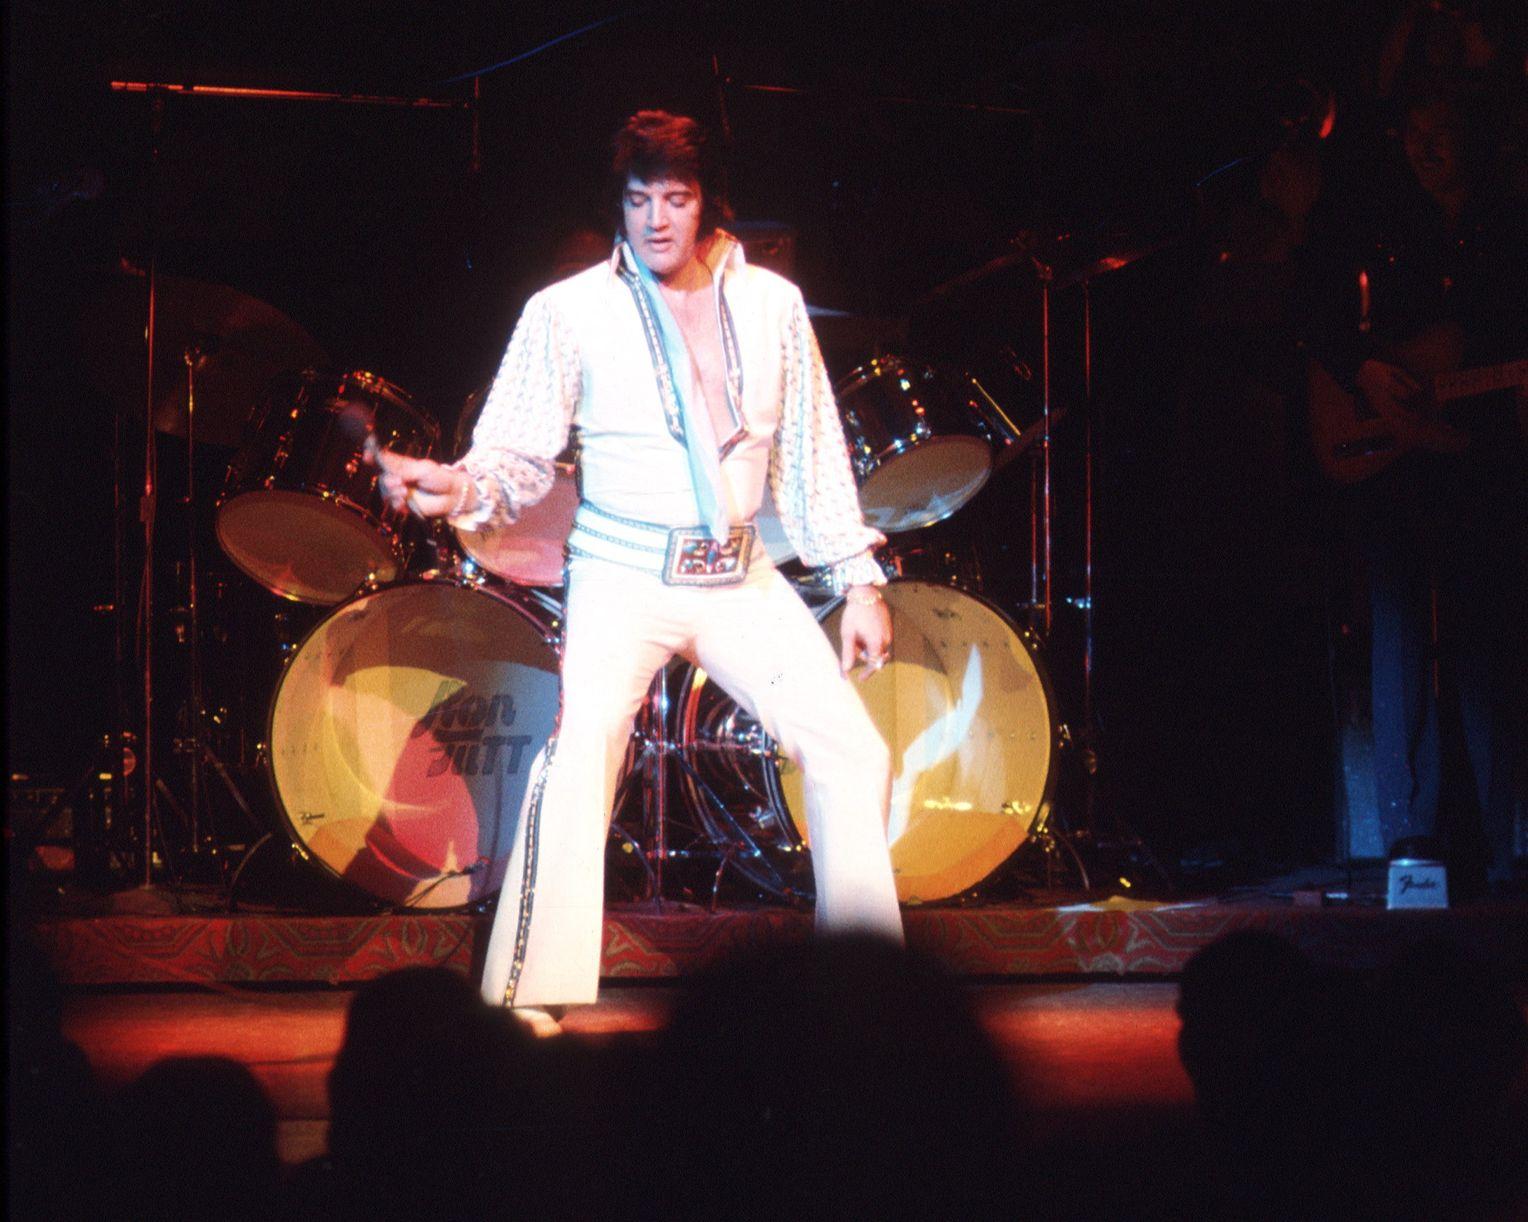 Frauen T-Shirt Foto von Star Ber/ühmte S/änger Elvis Presley Alte Musik Original 7